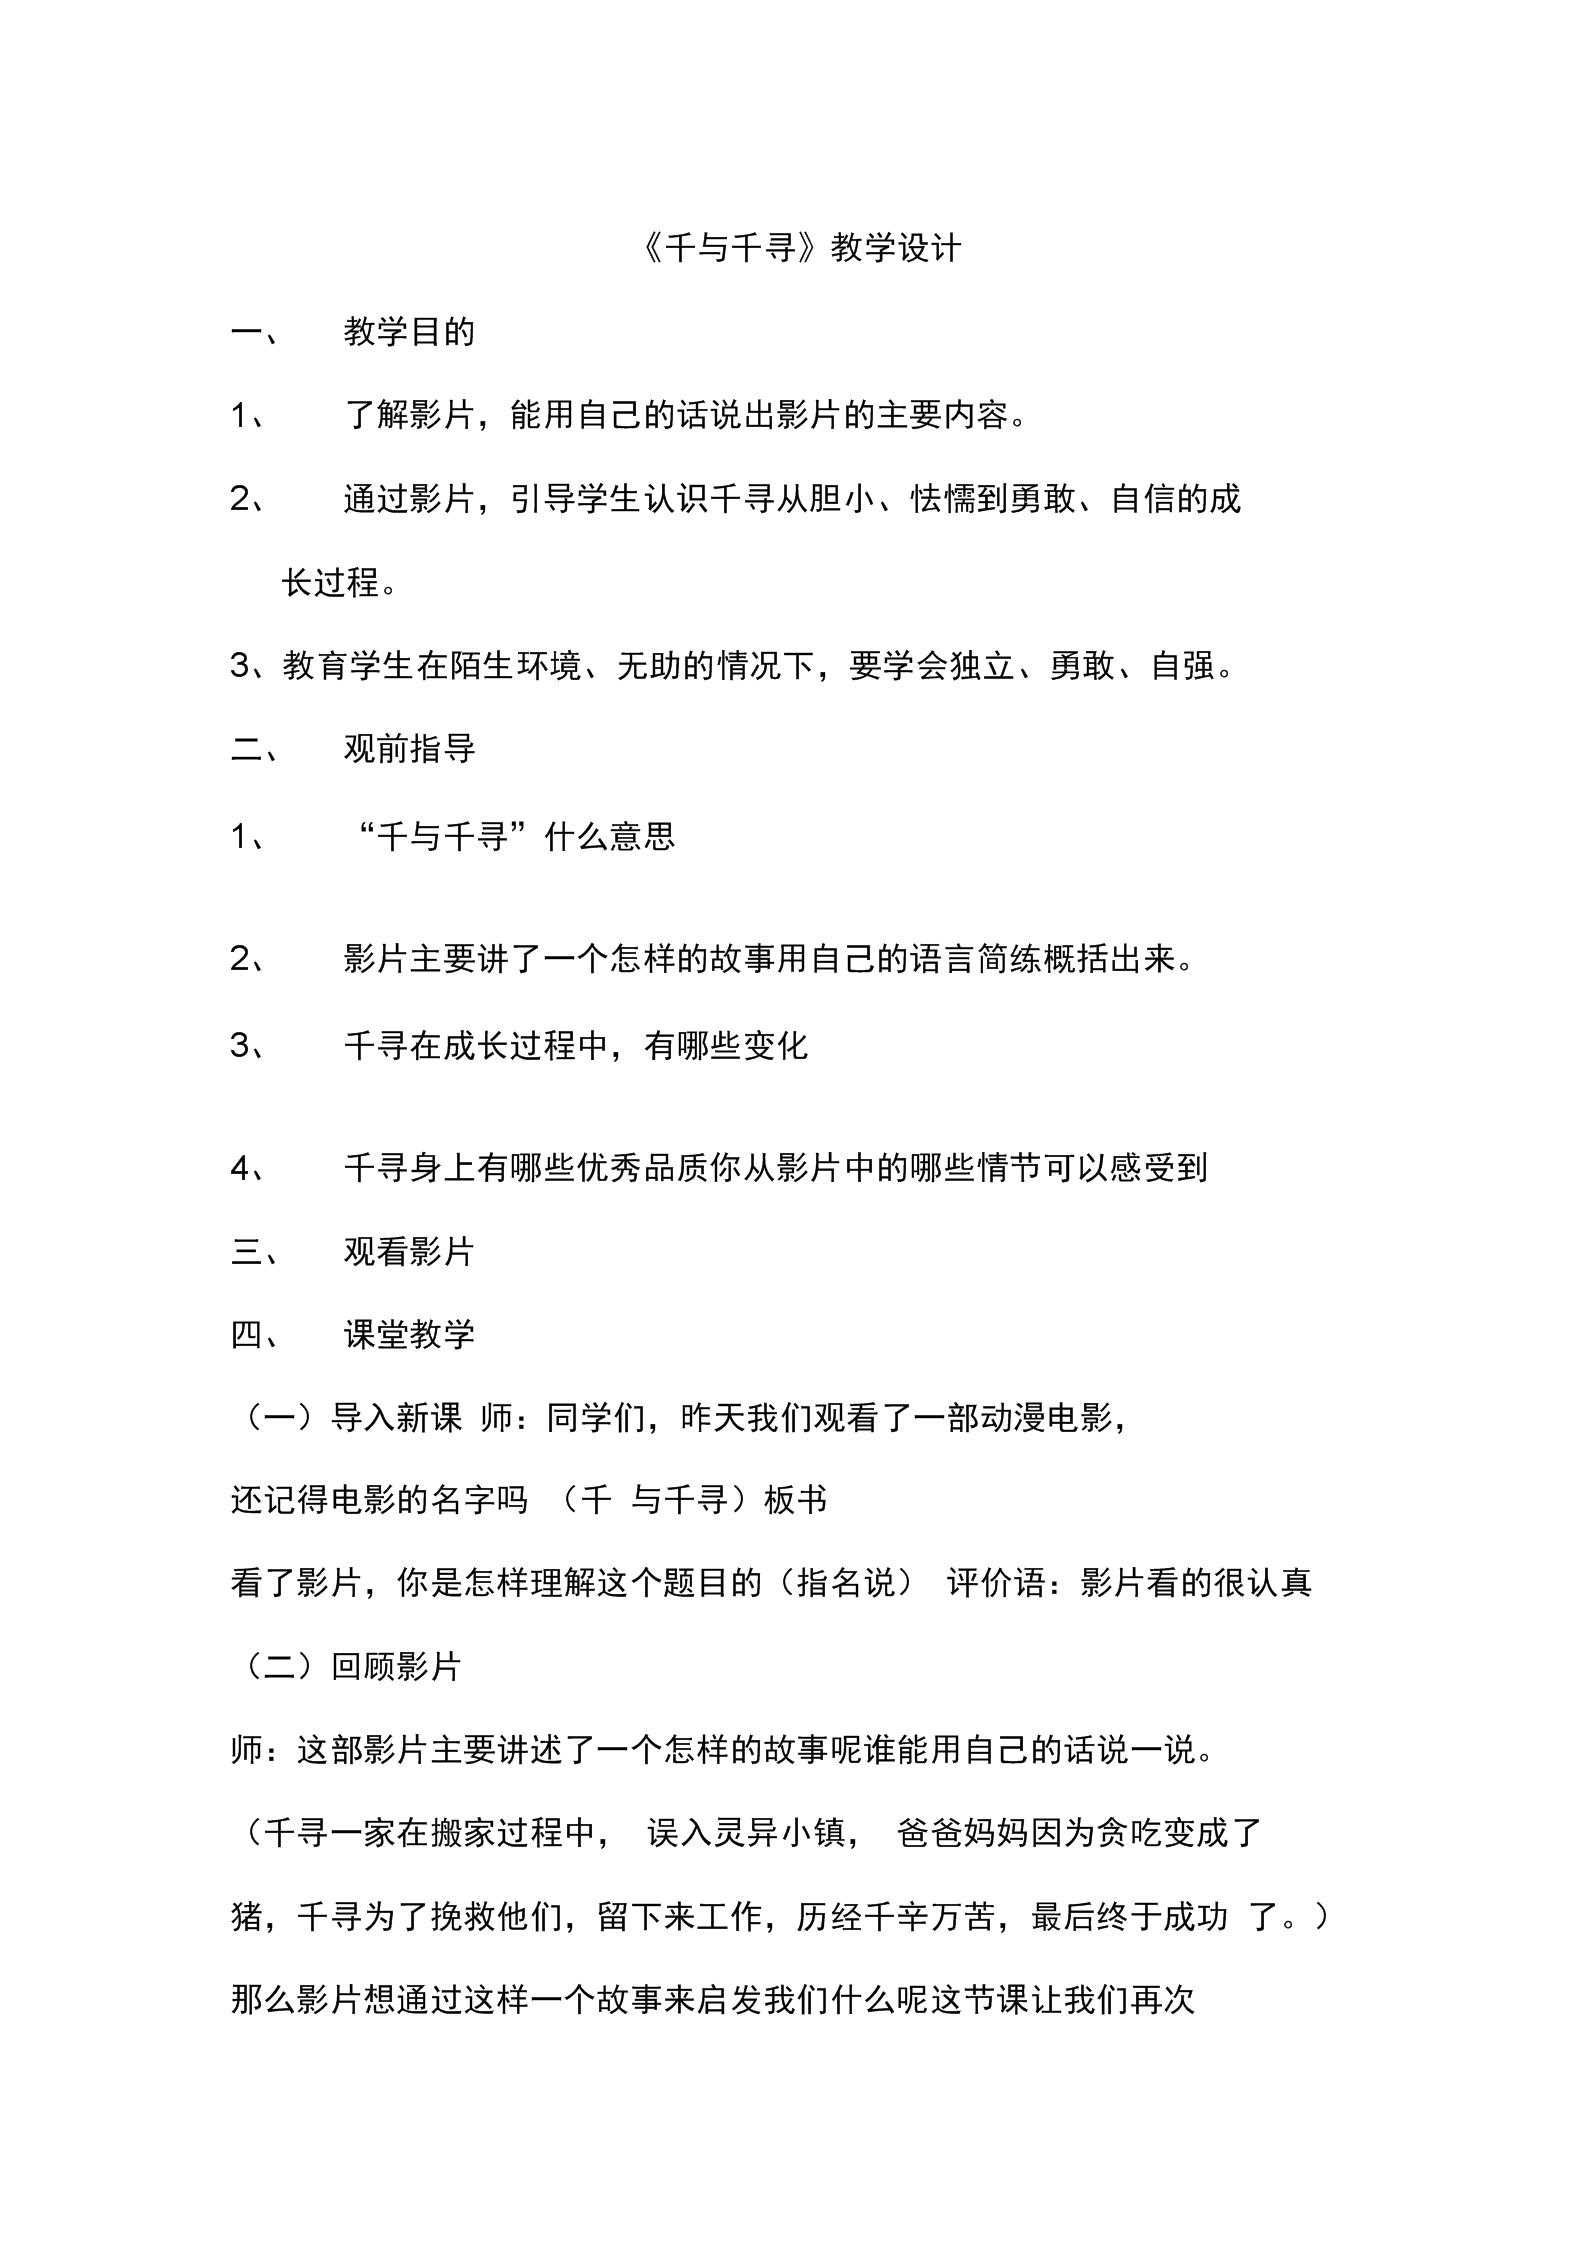 影视文化课千与千寻配套教案.docx